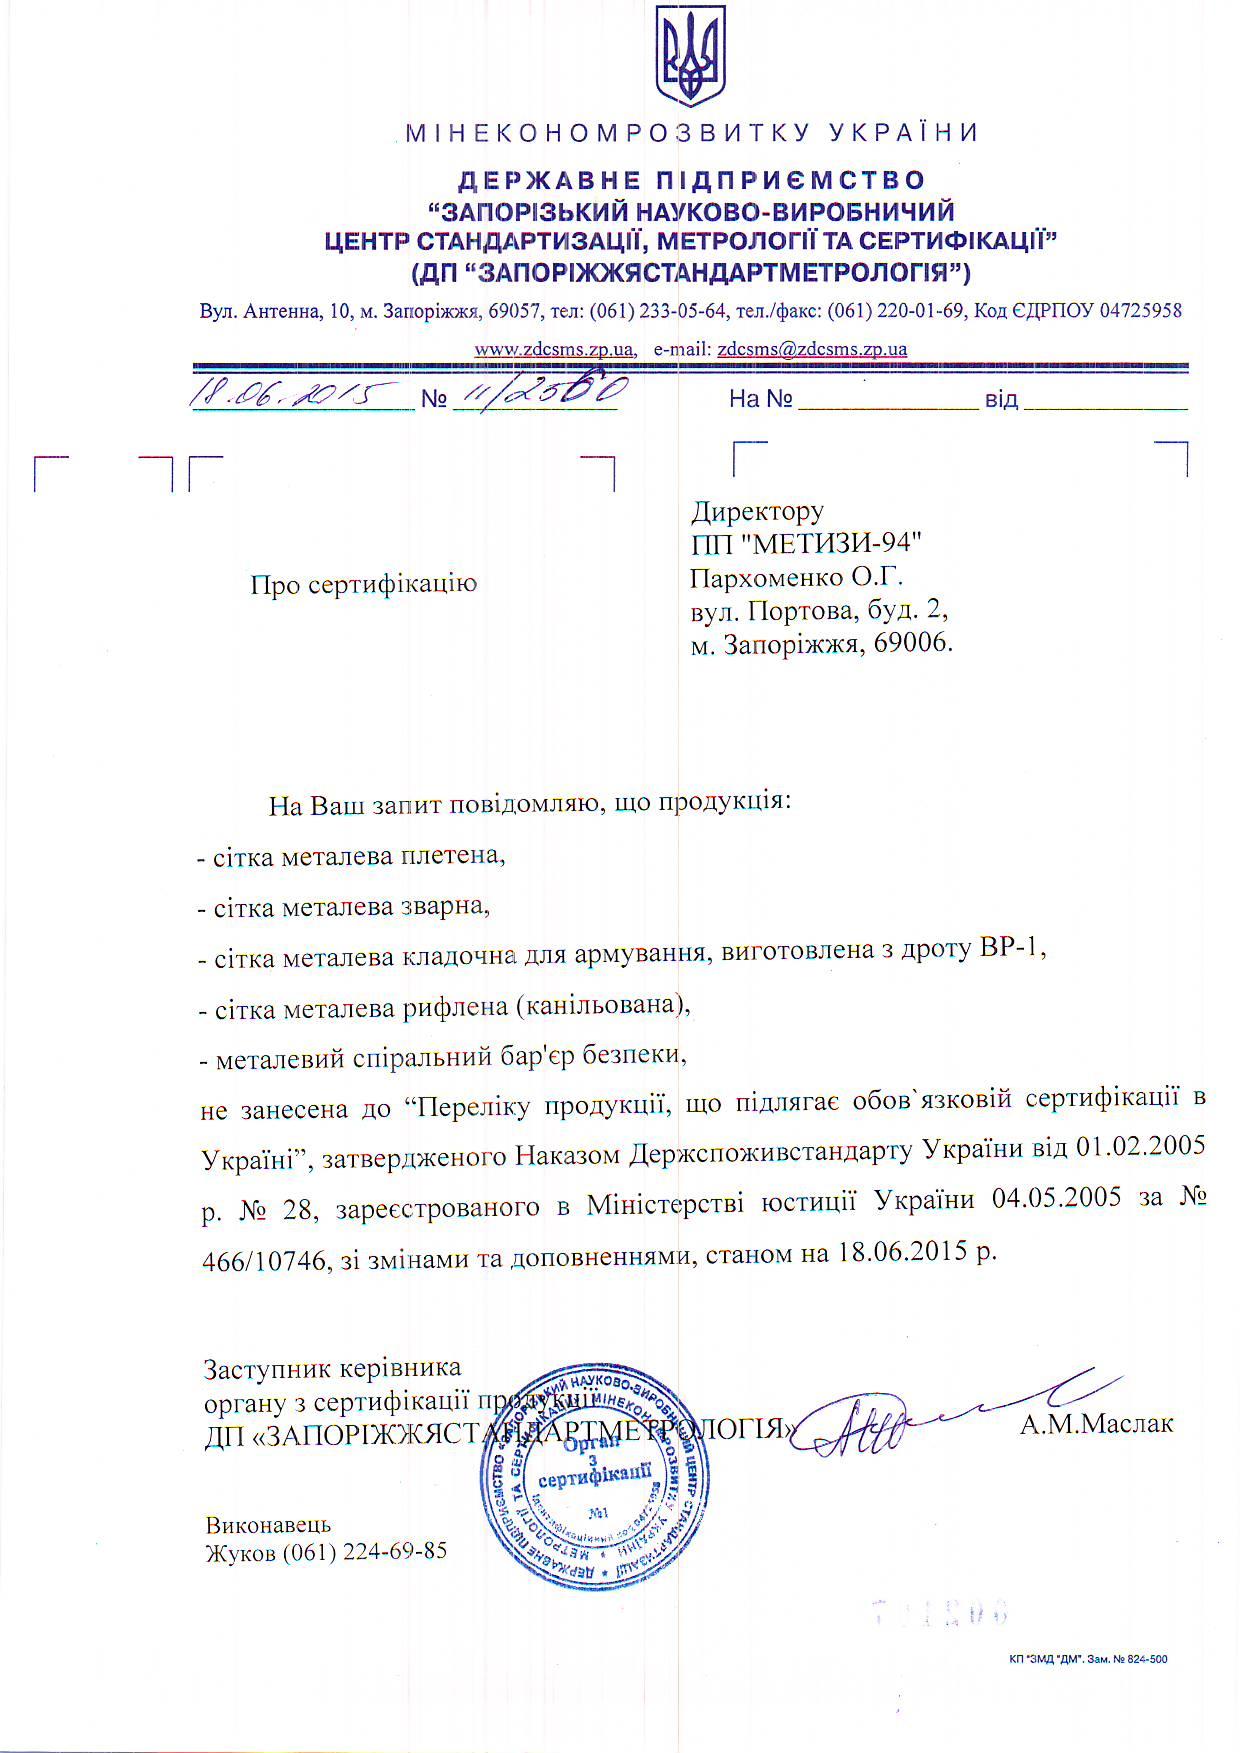 Письмо о не обязательности сертификации сеток